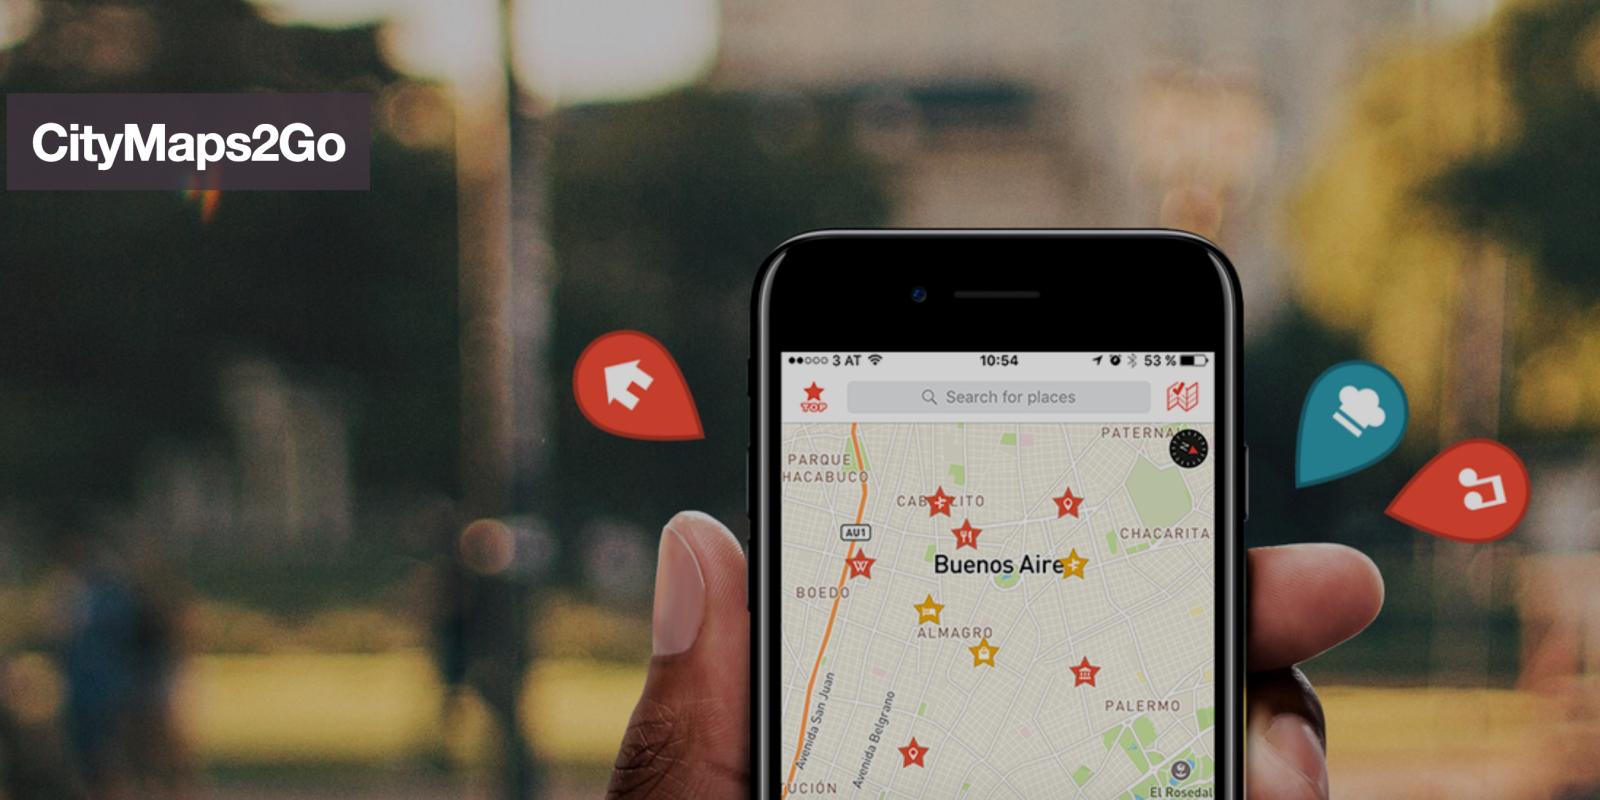 CityMaps2Go - İnternetsiz Çalışan En İyi Harita Uygulamaları